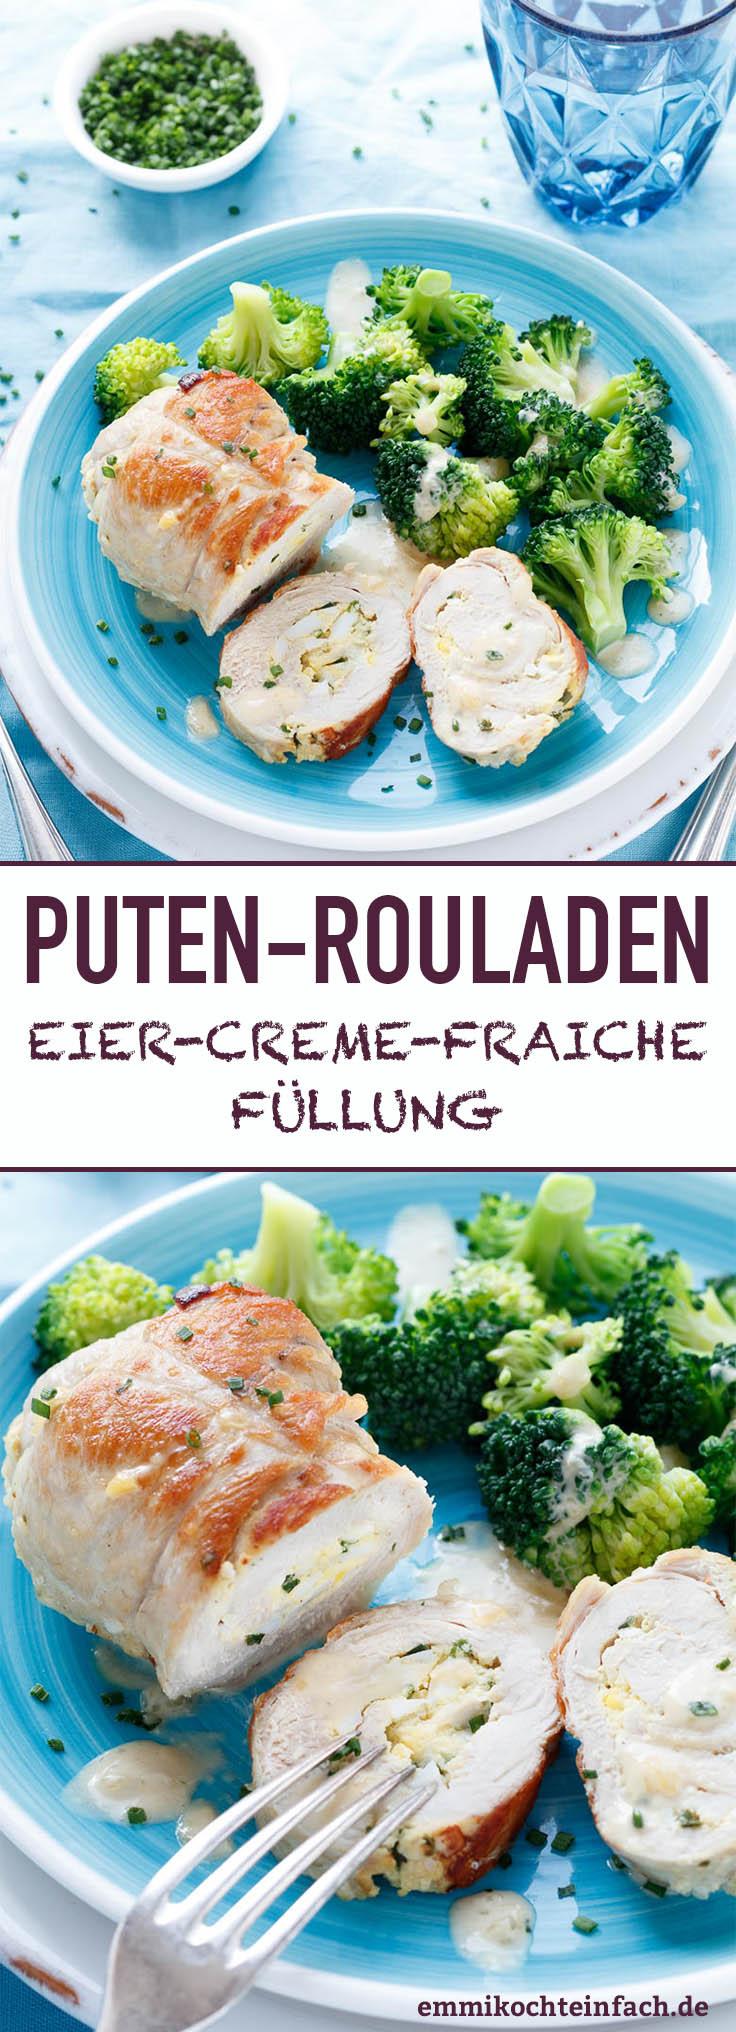 Putenrouladen mit Eier-Creme-Fraiche Füllung - www.emmikochteinfach.de